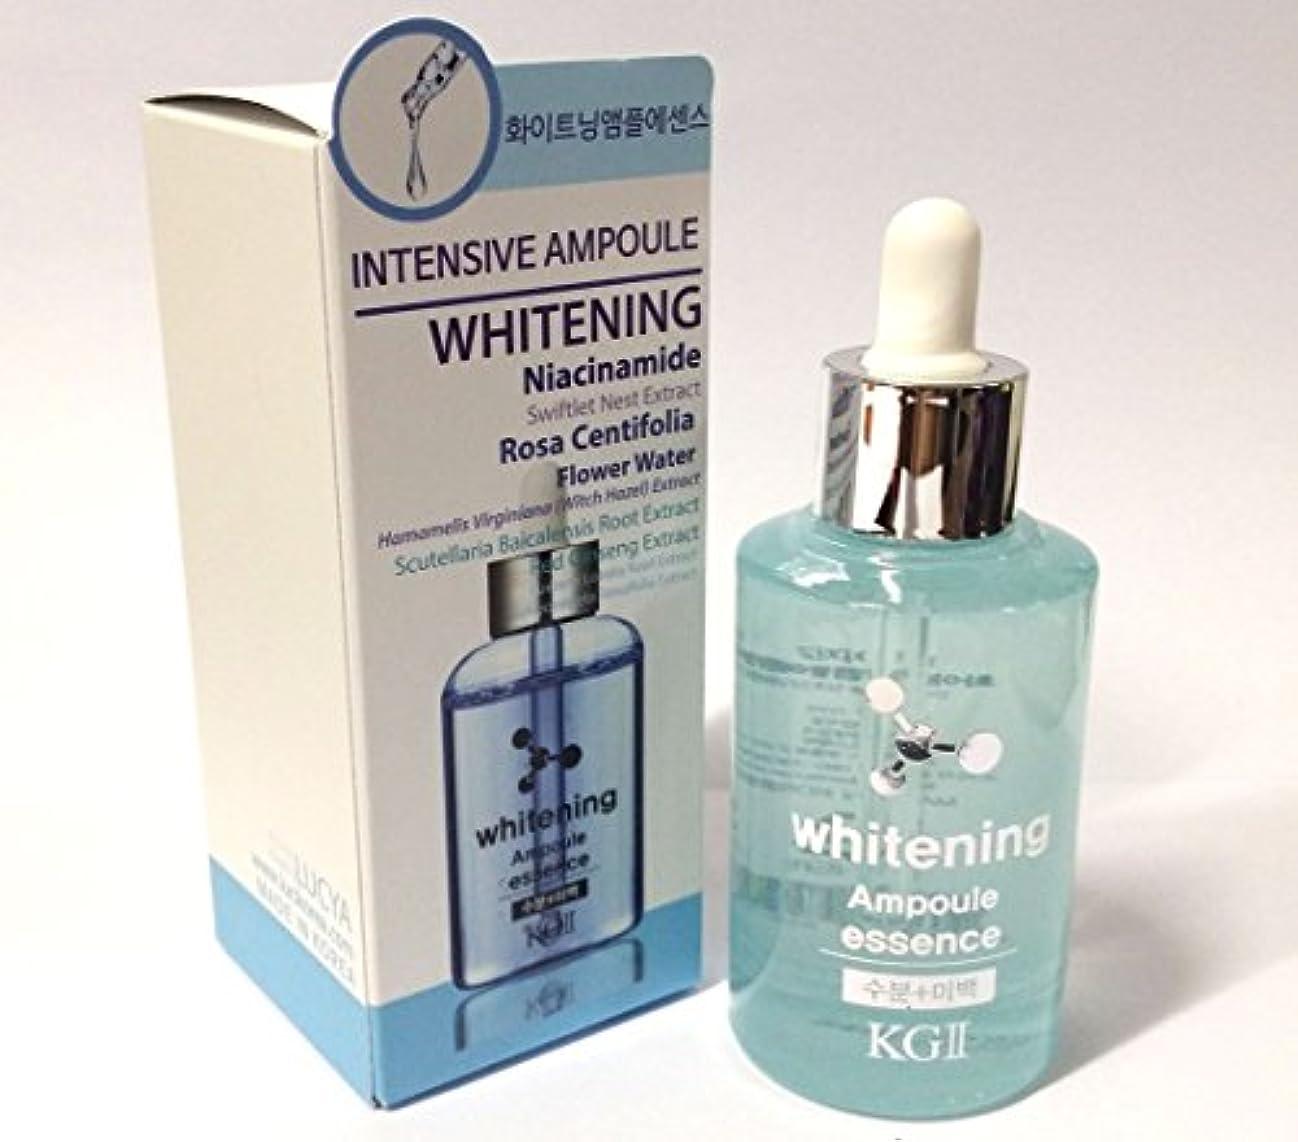 組み込む反論者古い[KG2] インテンシブホワイトニングエンプレスエッセンス50ml/Intensive whitening Ampoule Essence 50ml/湿気、美白/韓国化粧品/moisture, whitening/Korean...